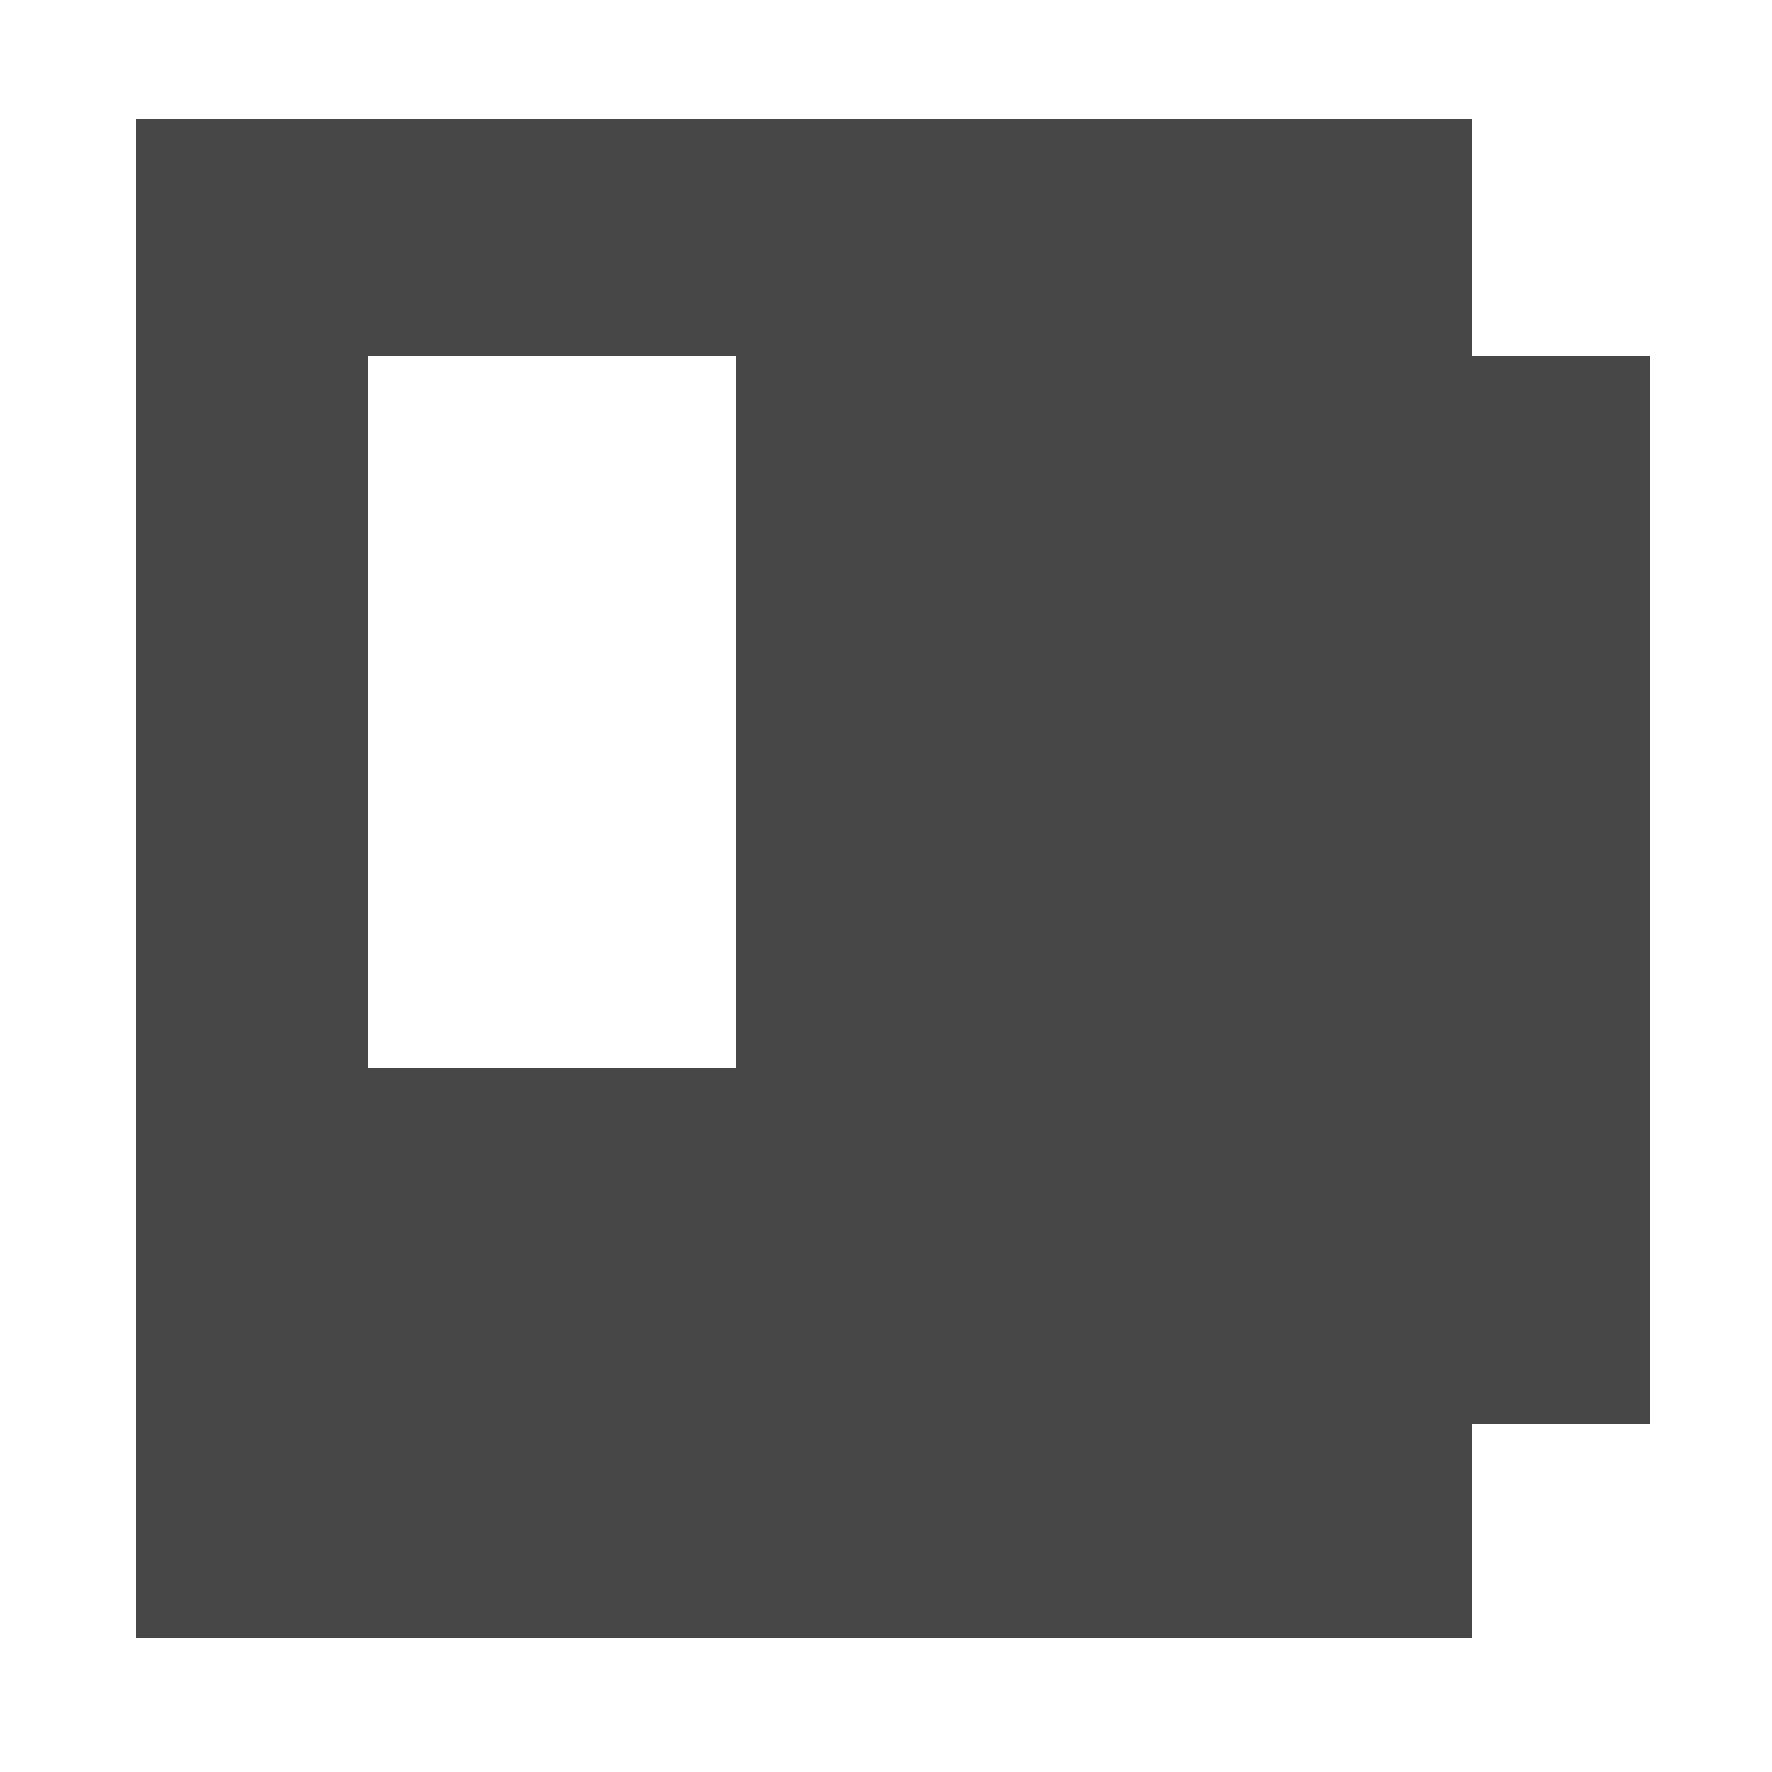 Galerie JohannFrick